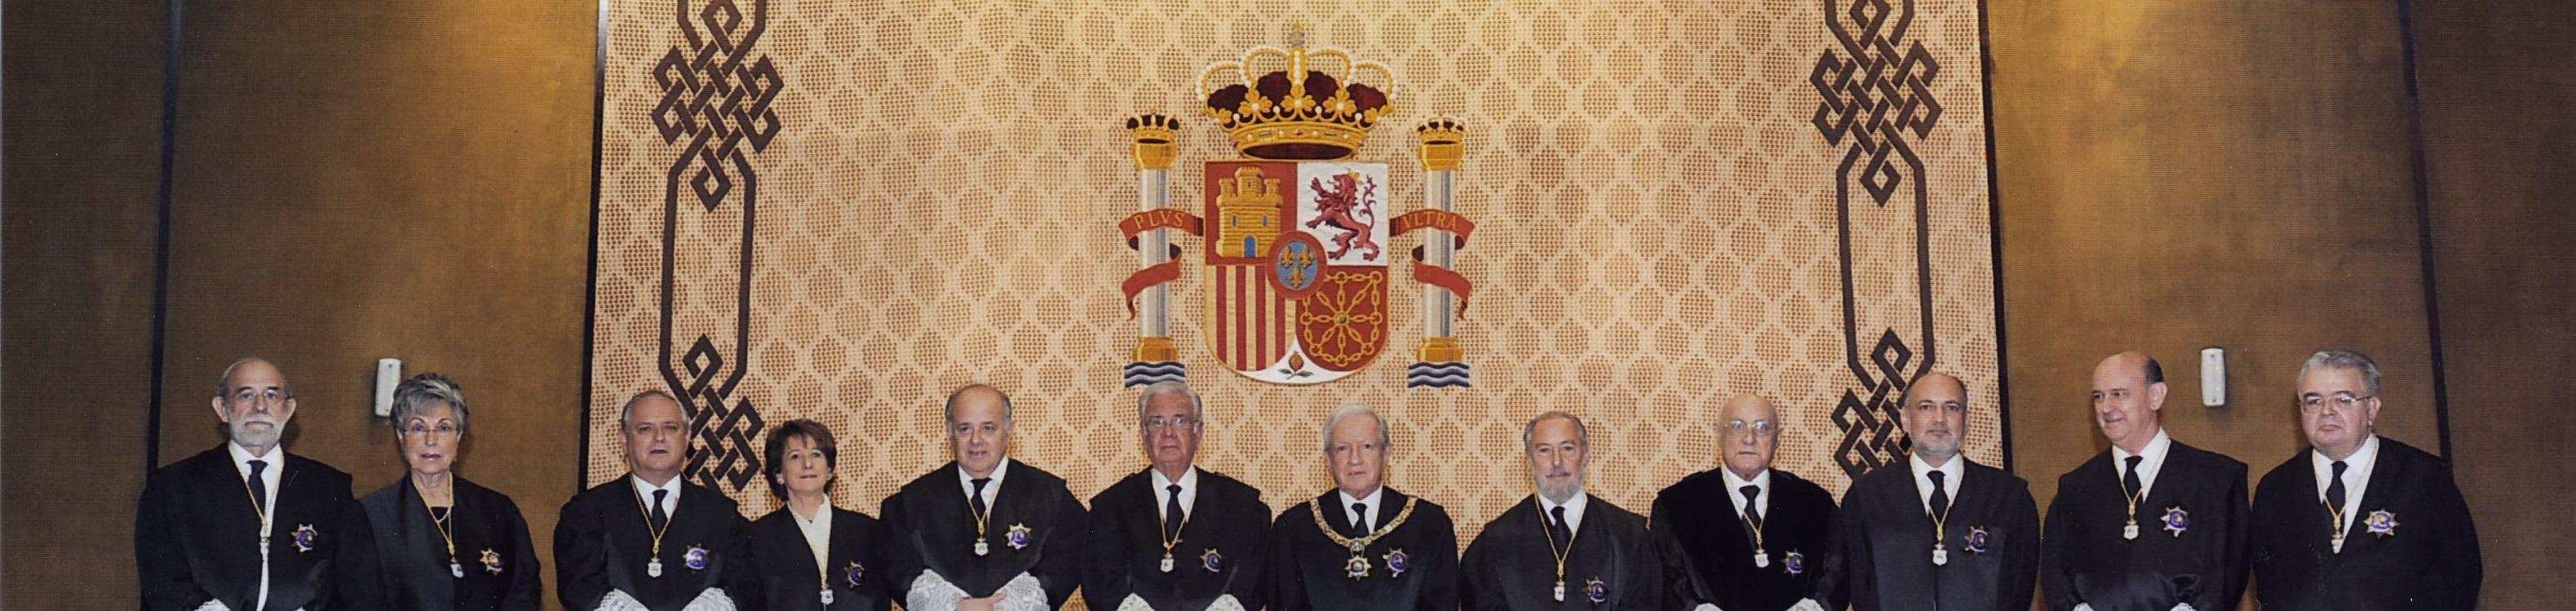 PONCE_DE_LEON_ABOGADOS_MADRID_OPINIONJURIDICA_BLOG_DERECHO_ADMINISTRATIVO_LUIS_GARDON_NUÑEZ_TC_CONTENCIOSO_ABOGADO_MADRID